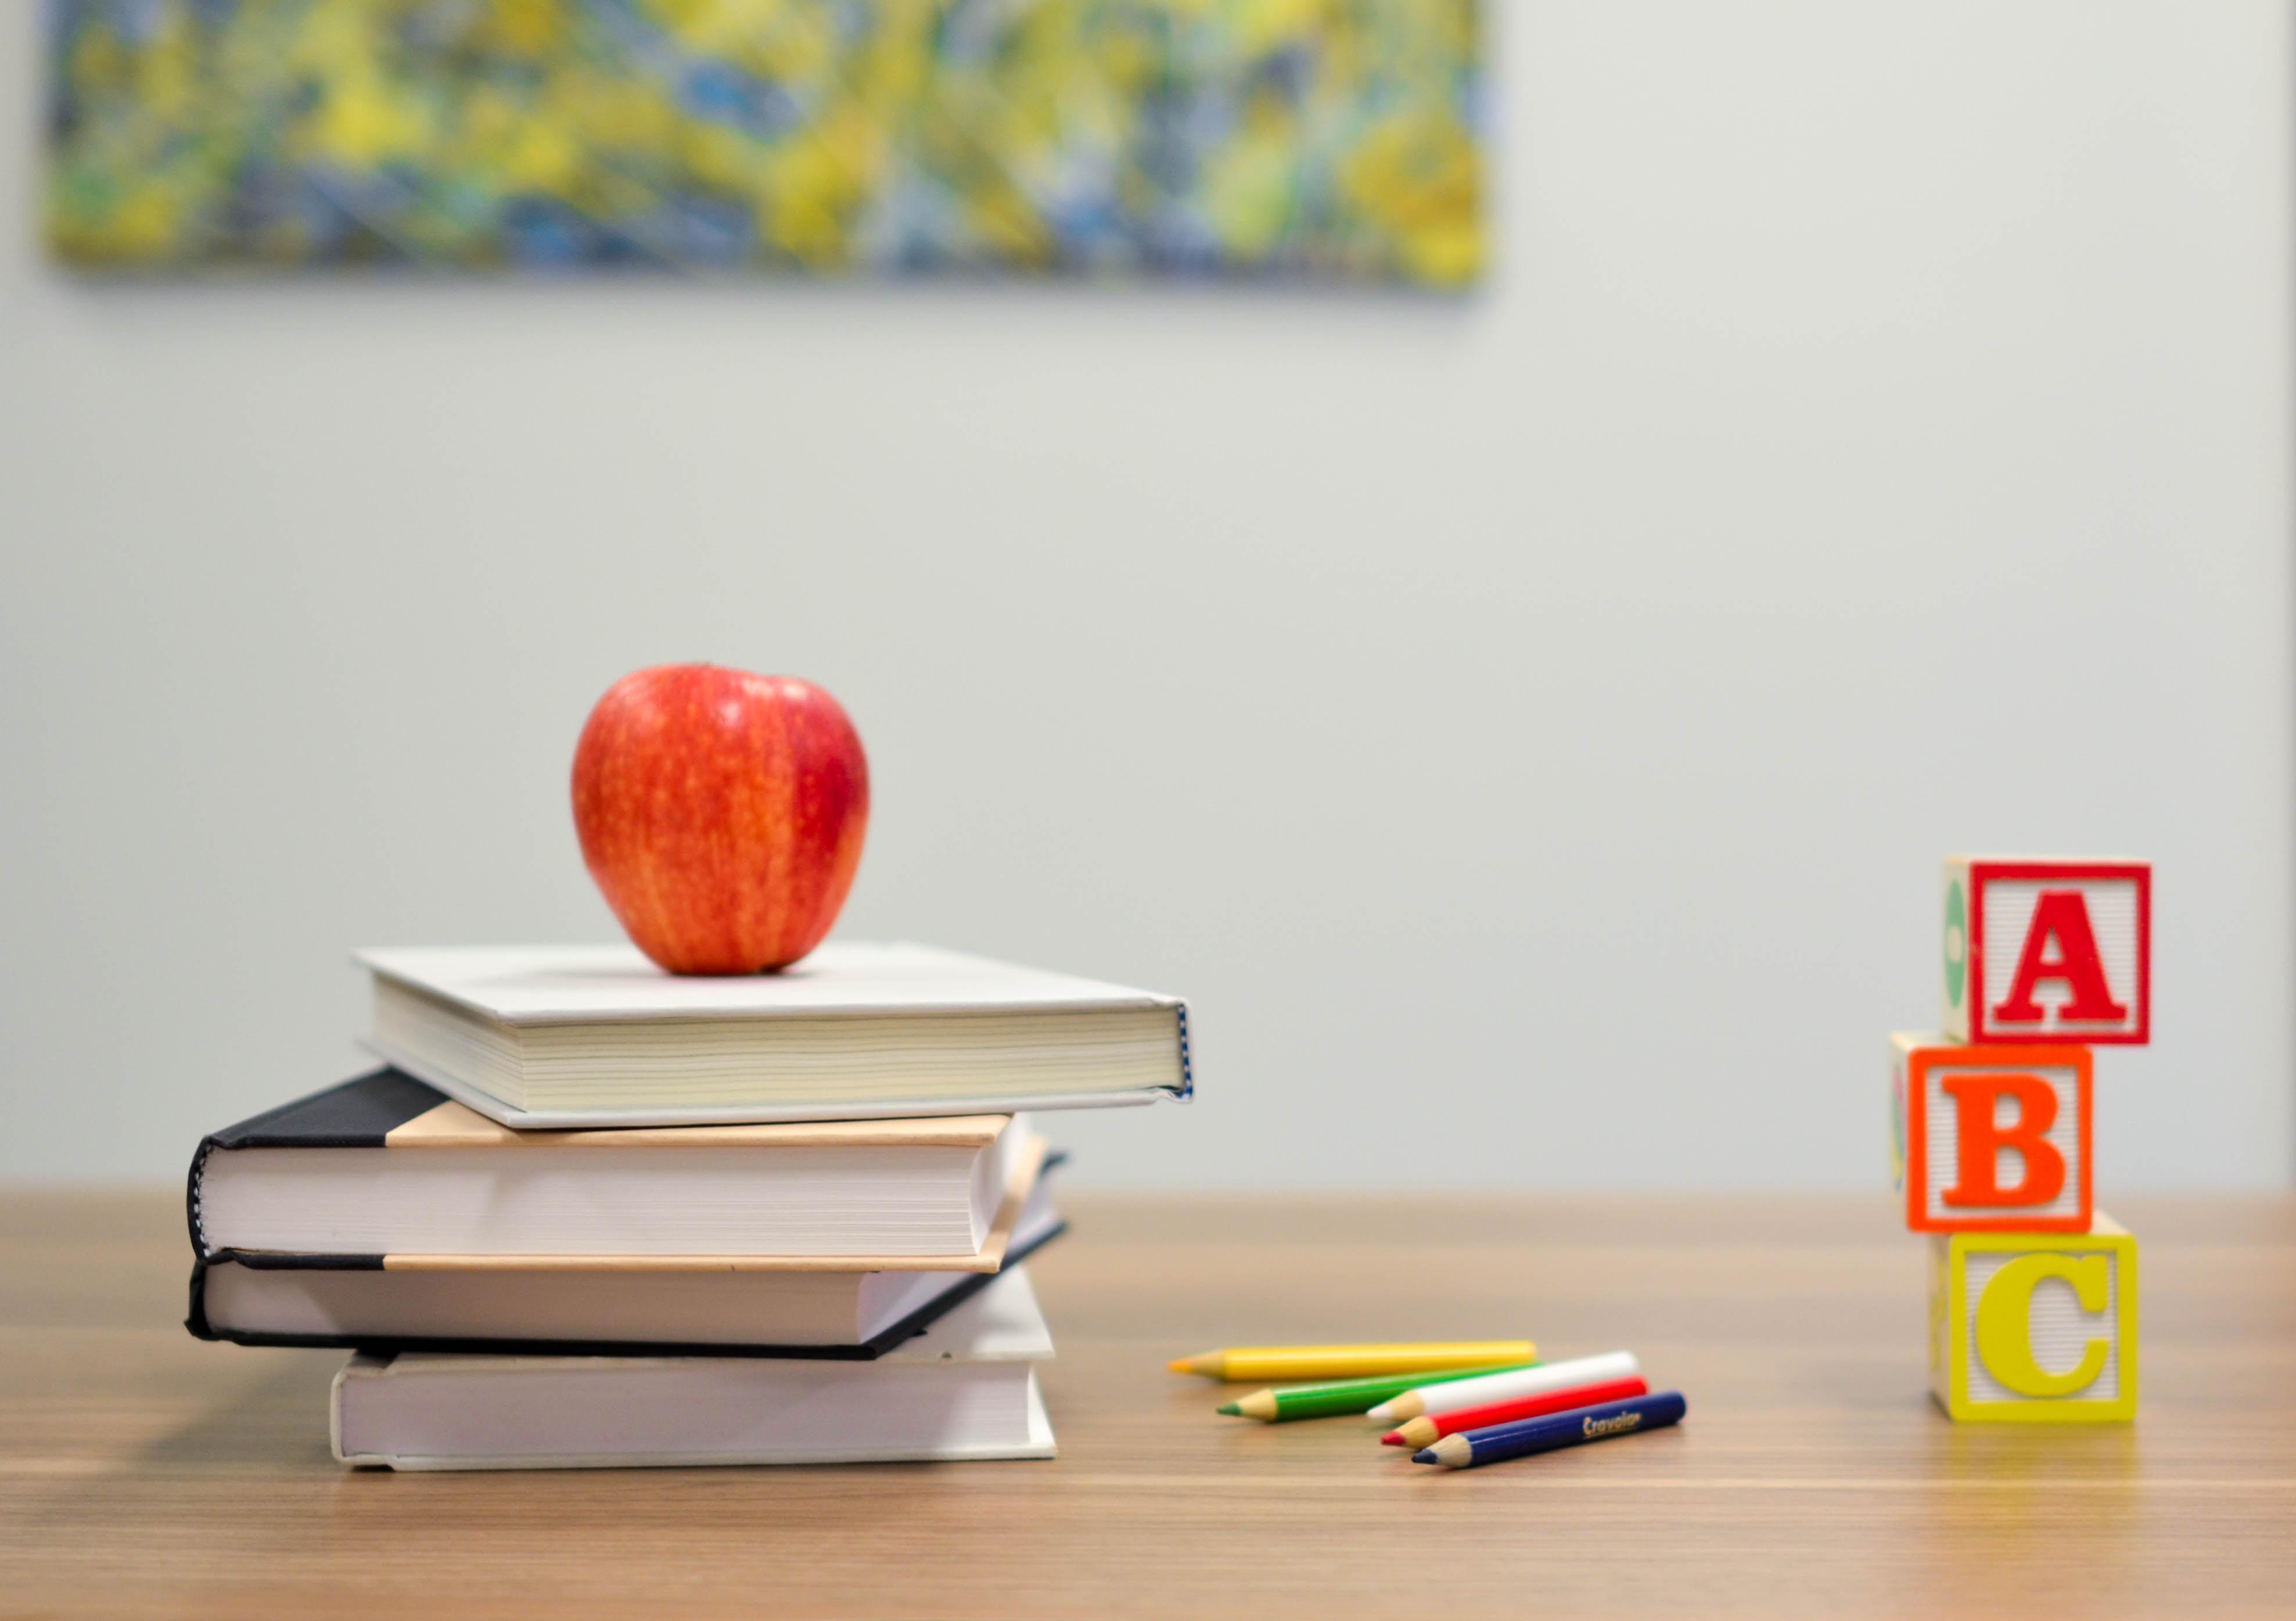 Tischplatte mit Bücher, Apfeö, Stiften und Bauklötzen